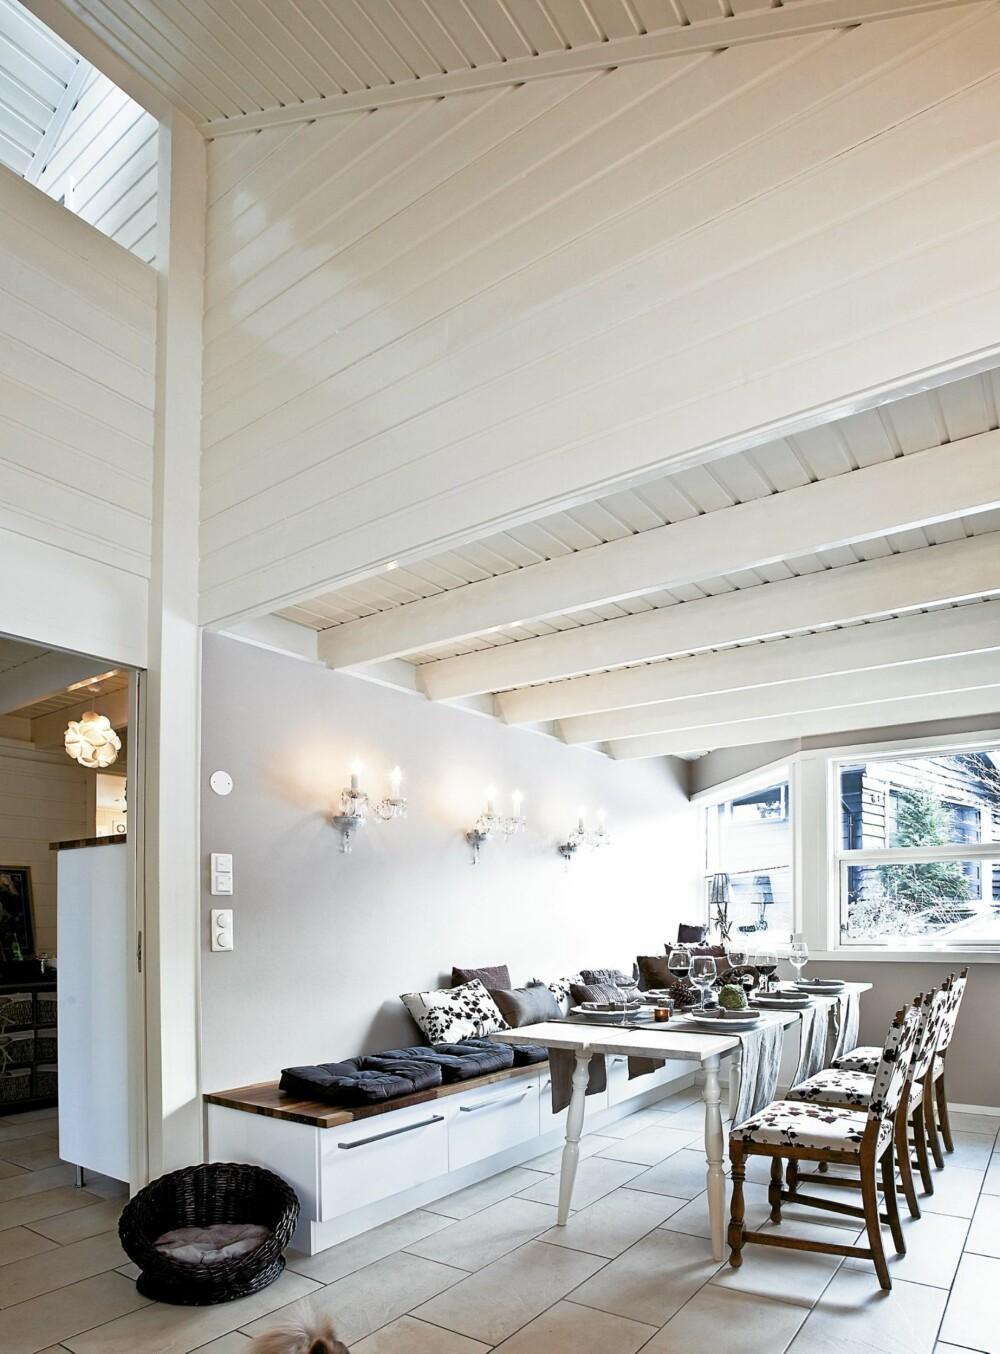 GJENNOMTENKT. Spisebord fra Ikea gir plass til mange rundt bordet. Den lange sittebenken er laget av kjøkkenmoduler som matcher den øvrige kjøkkeninnredningen. Stolene er arvet og trukket om.